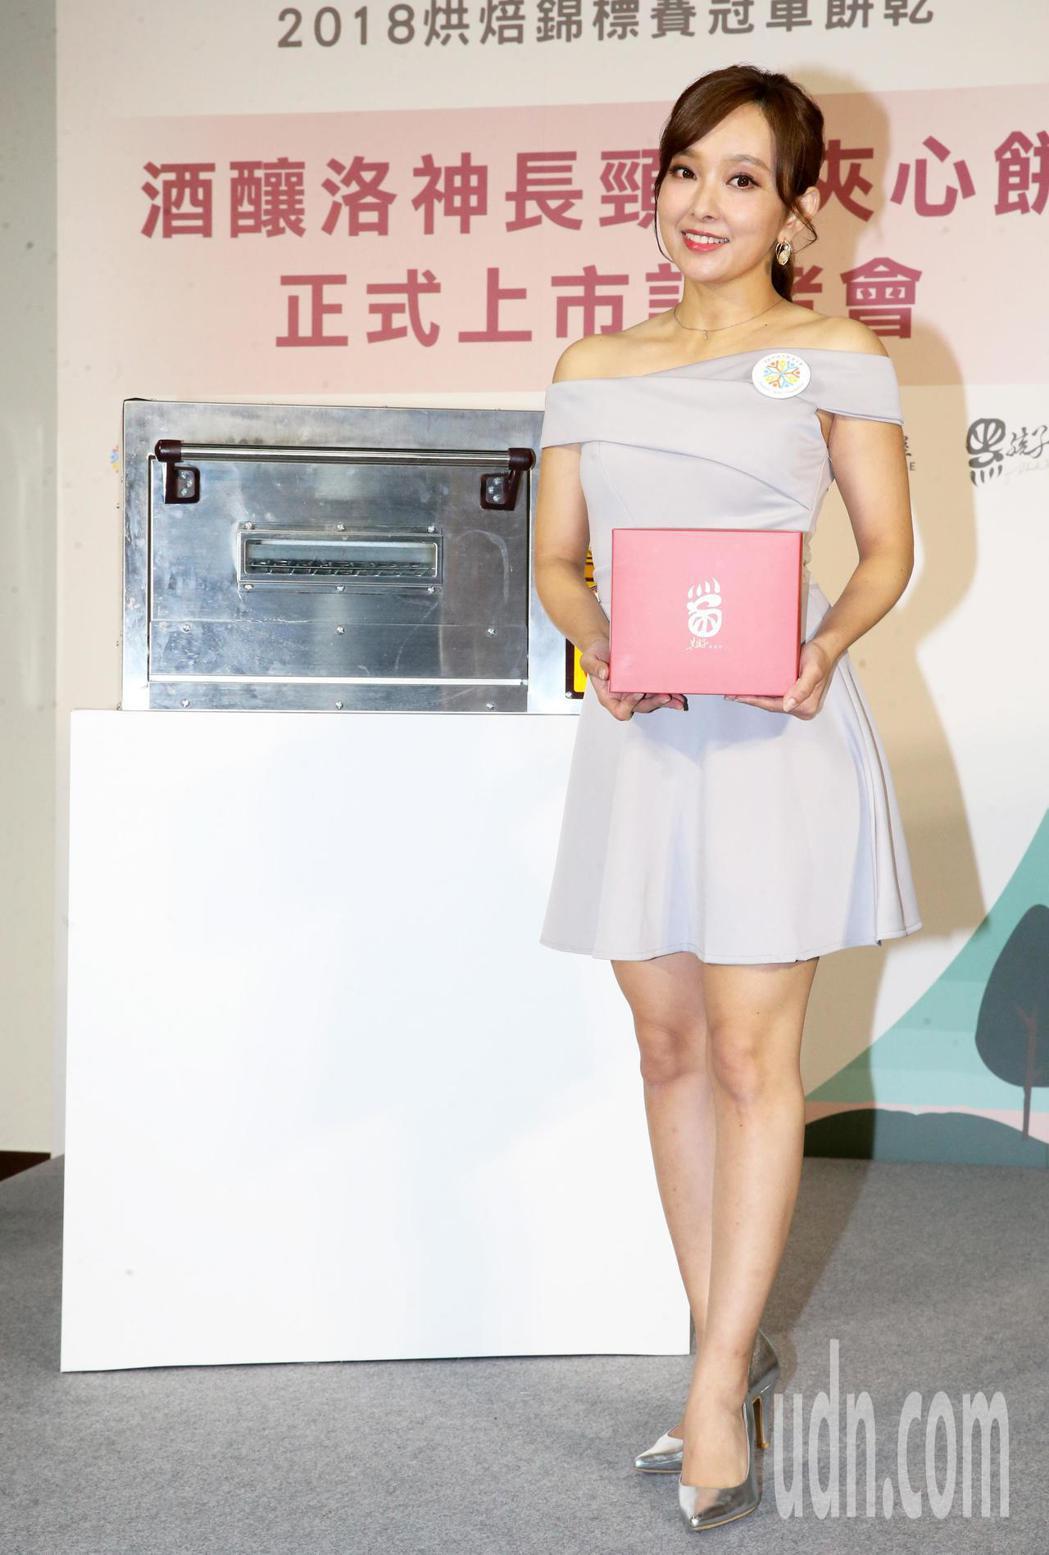 藝人愛紗今天出席「酒釀洛神長頸鹿夾心餅」冠軍餅乾正式上市記者會,力挺「孩子的書屋...